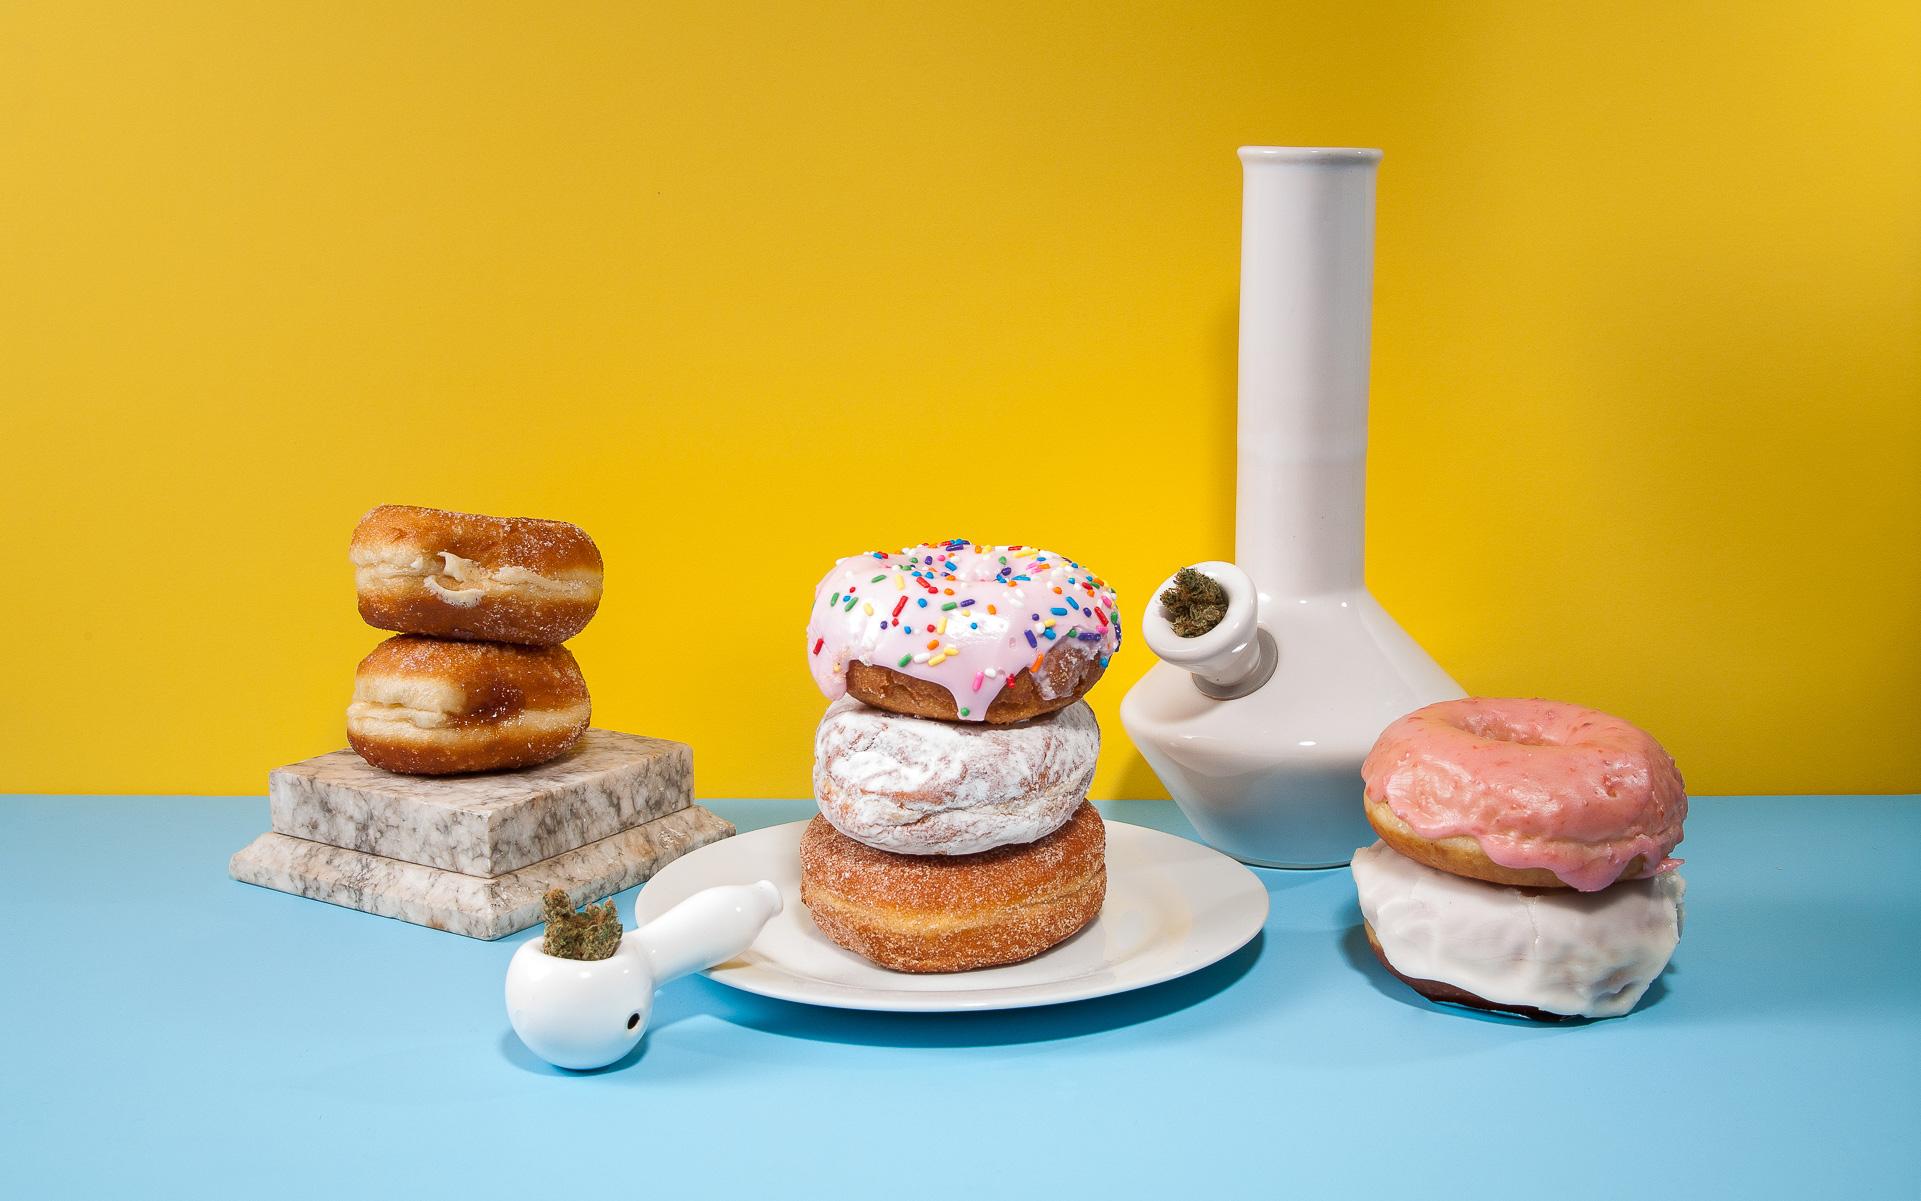 donuts, cannabis